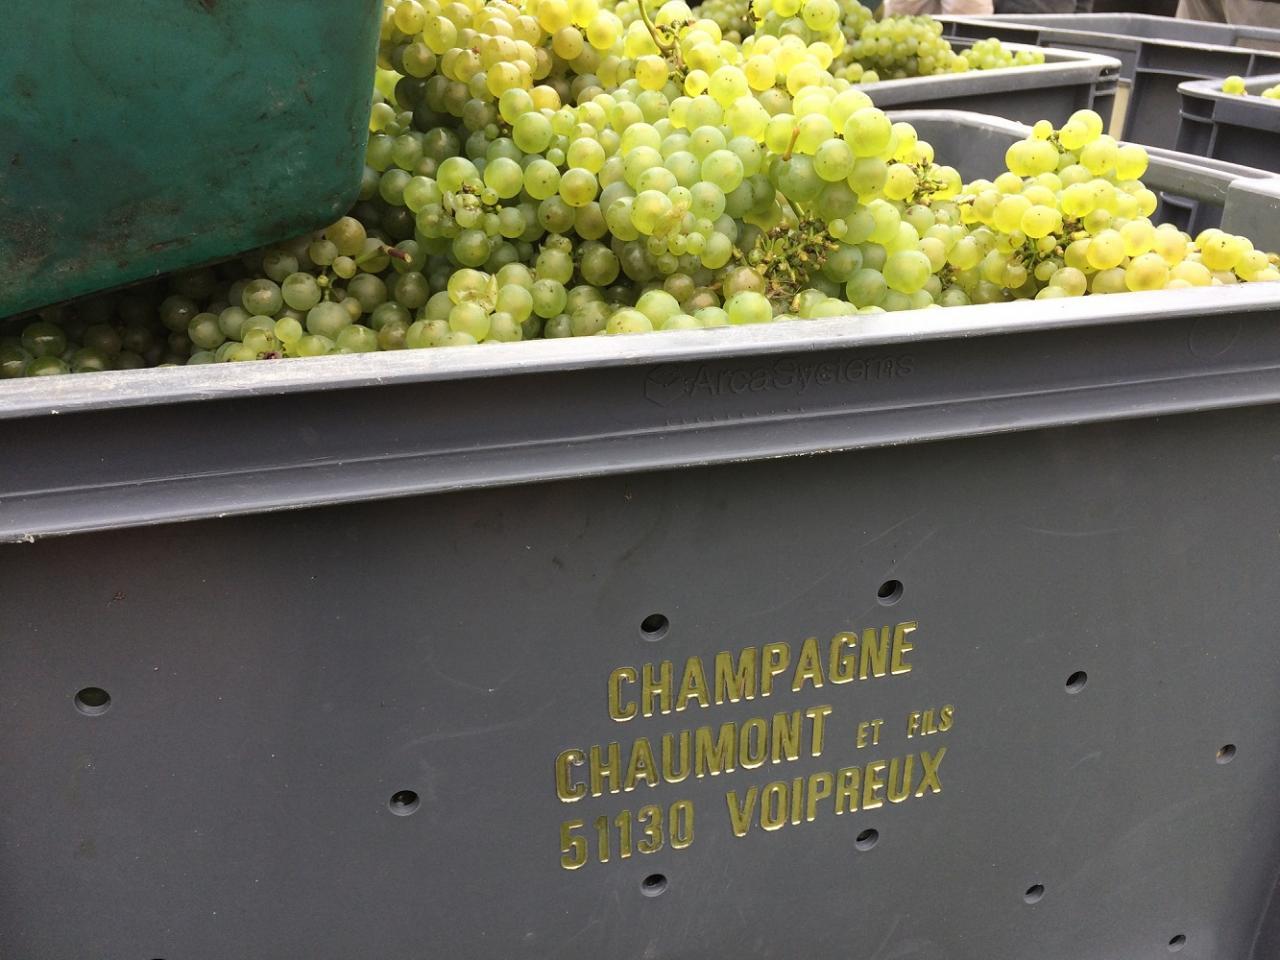 Champagne Chaumont et Fils...